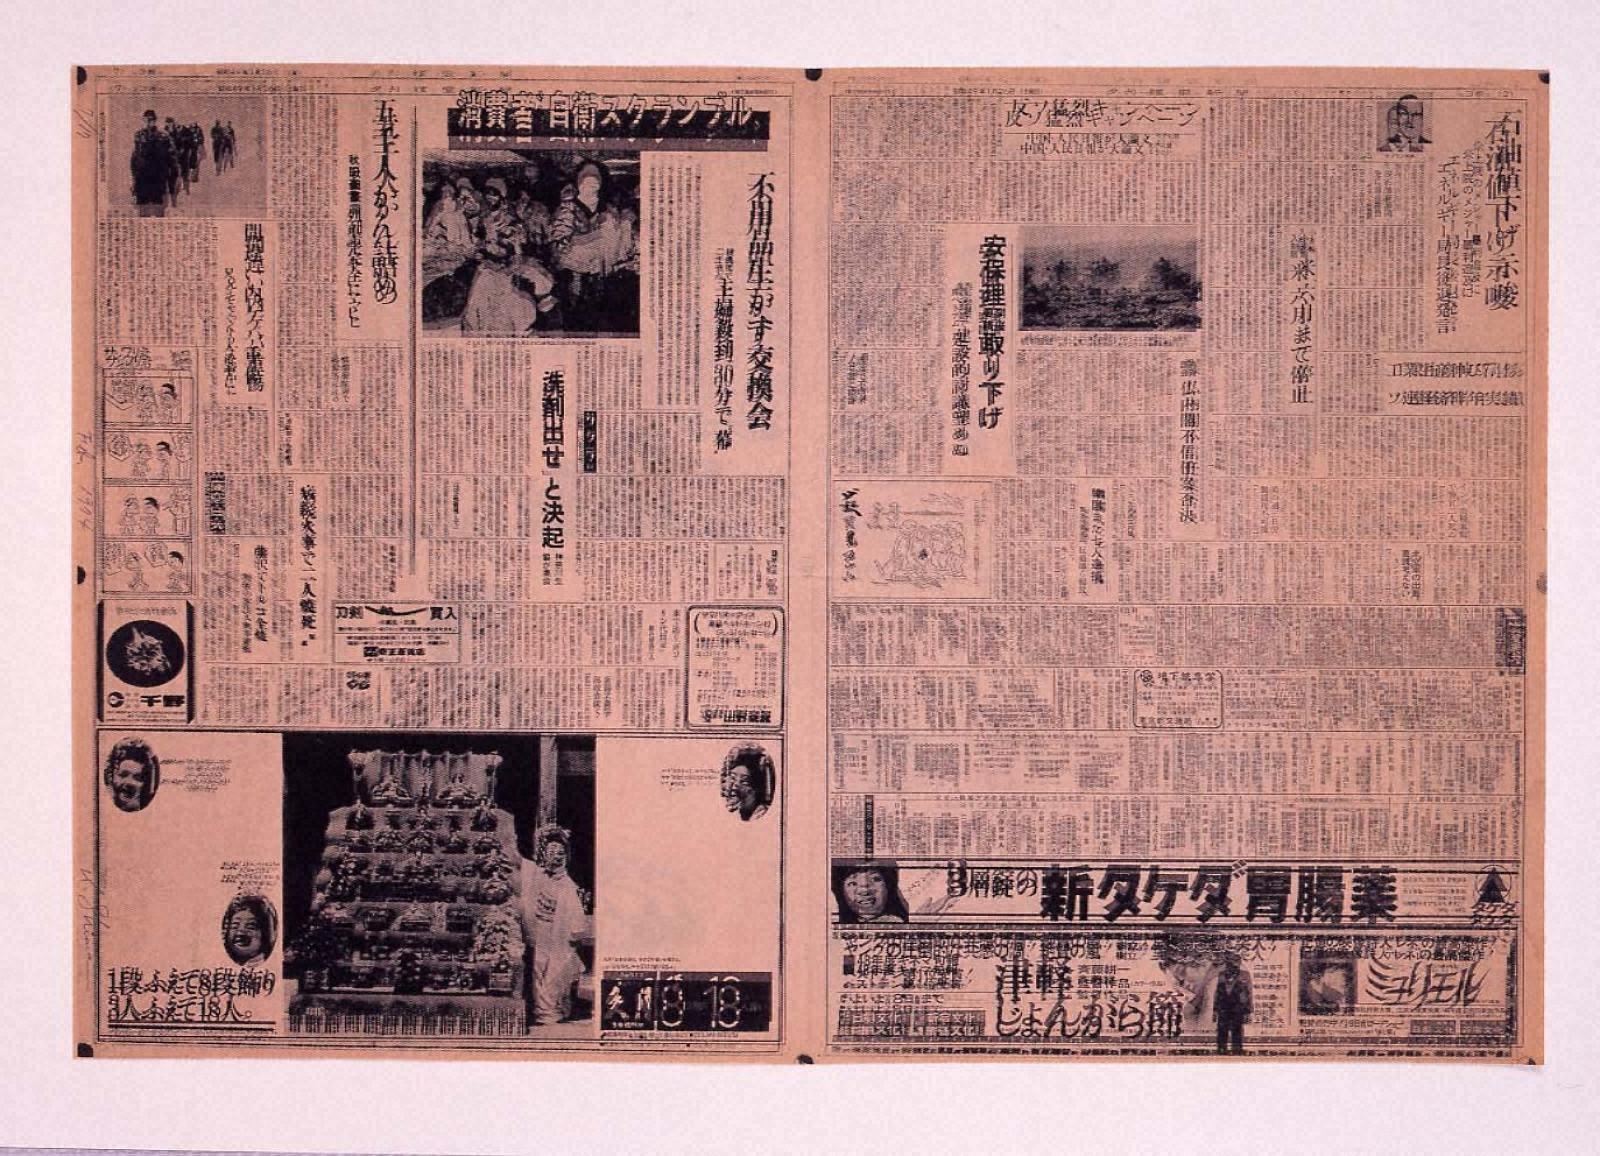 新聞紙に新聞紙